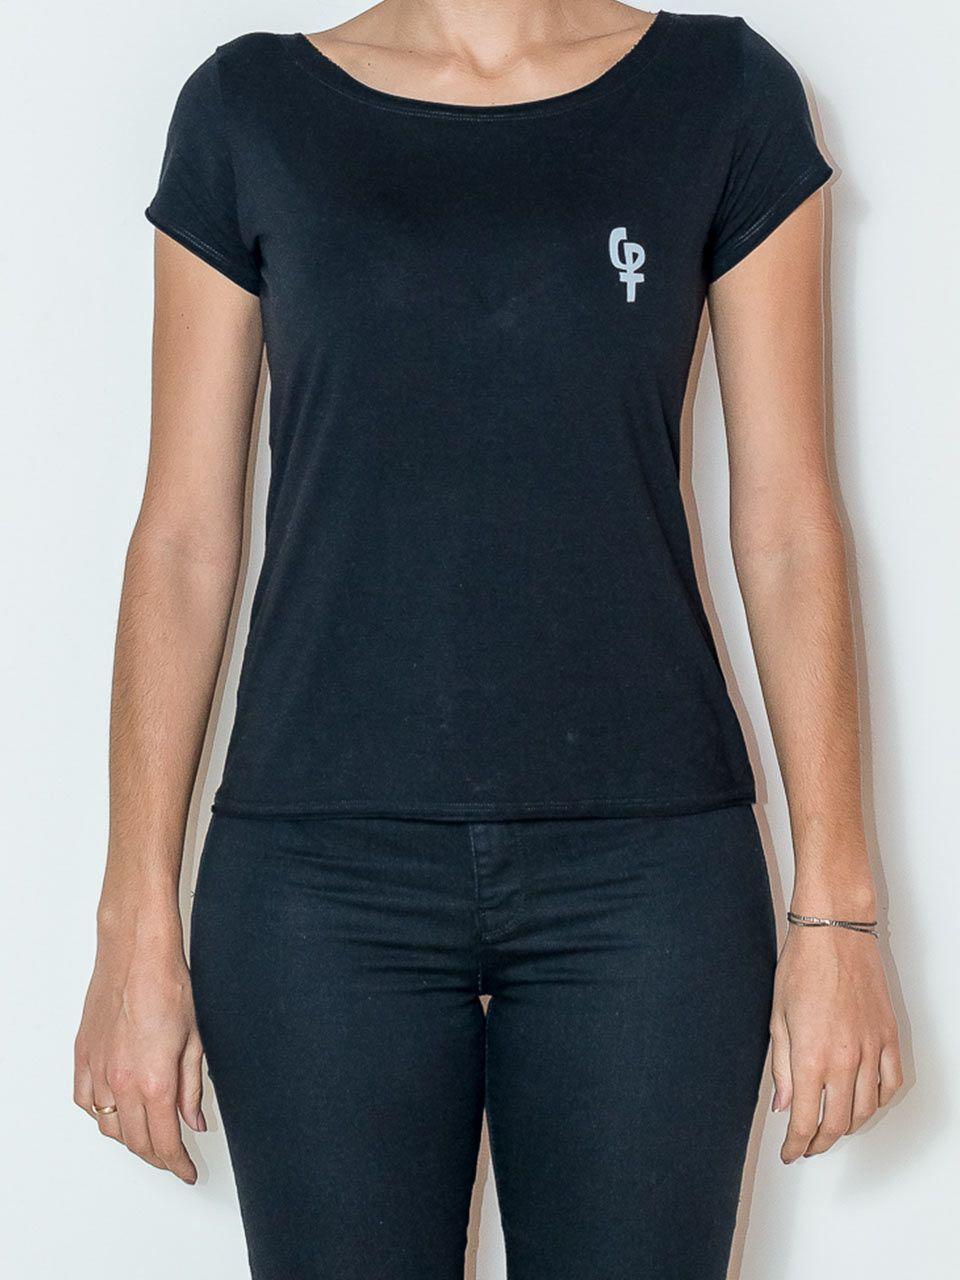 Camiseta Capote  CPT